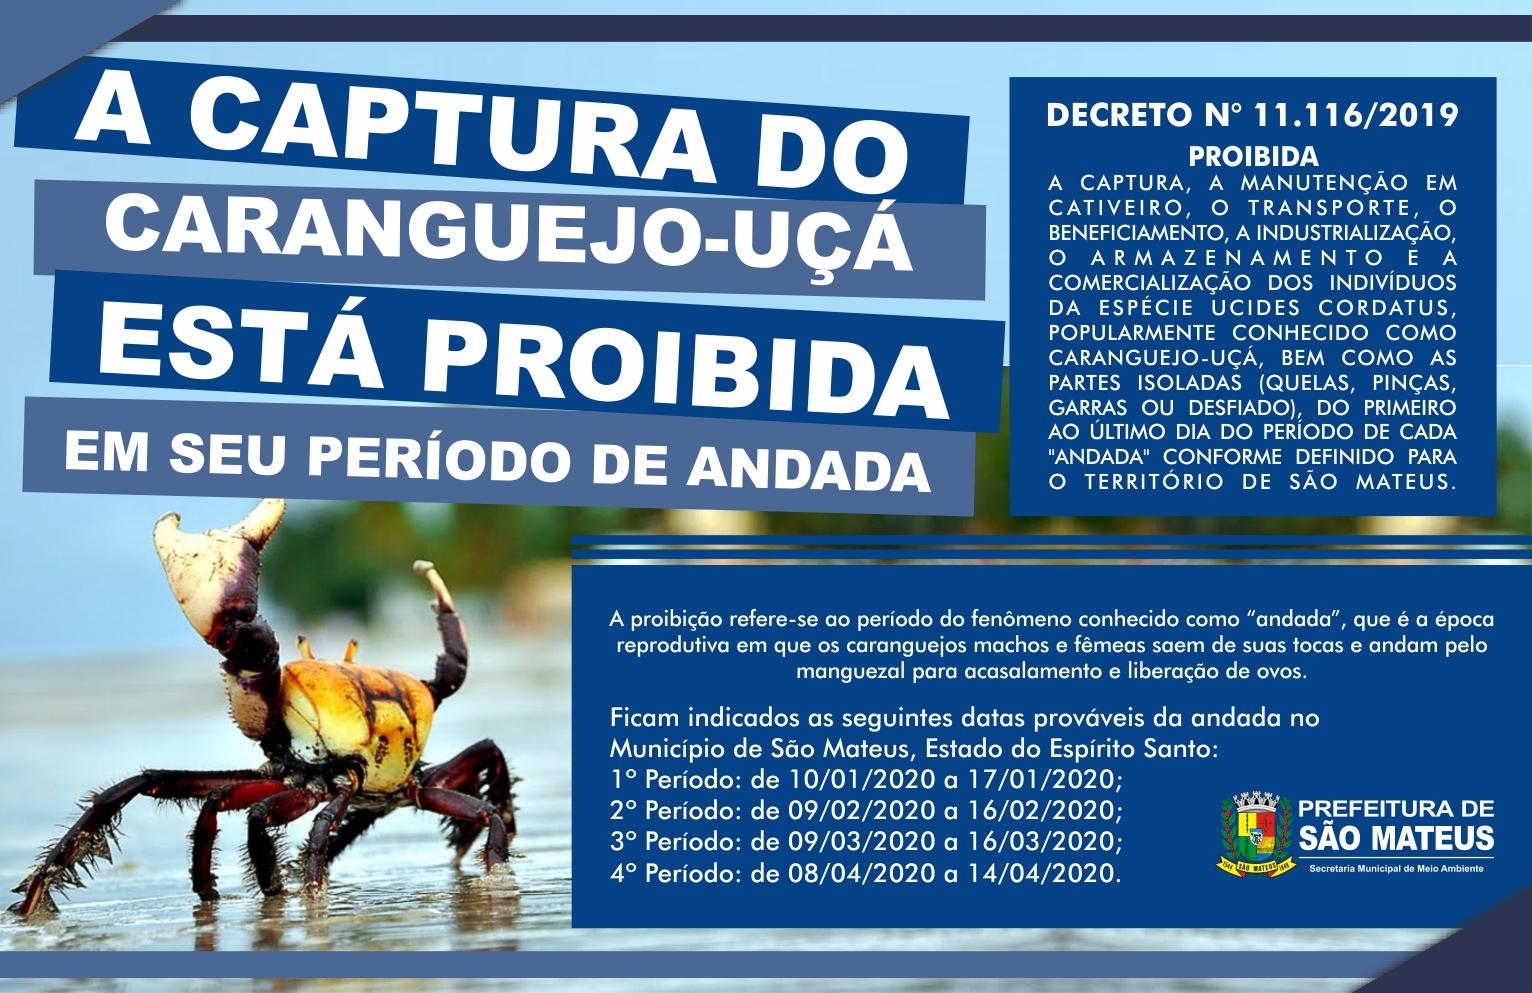 PREFEITURA DE SÃO MATEUS ANUNCIA PERÍODO DE DEFESO DO CARANGUEJO-UÇÁ